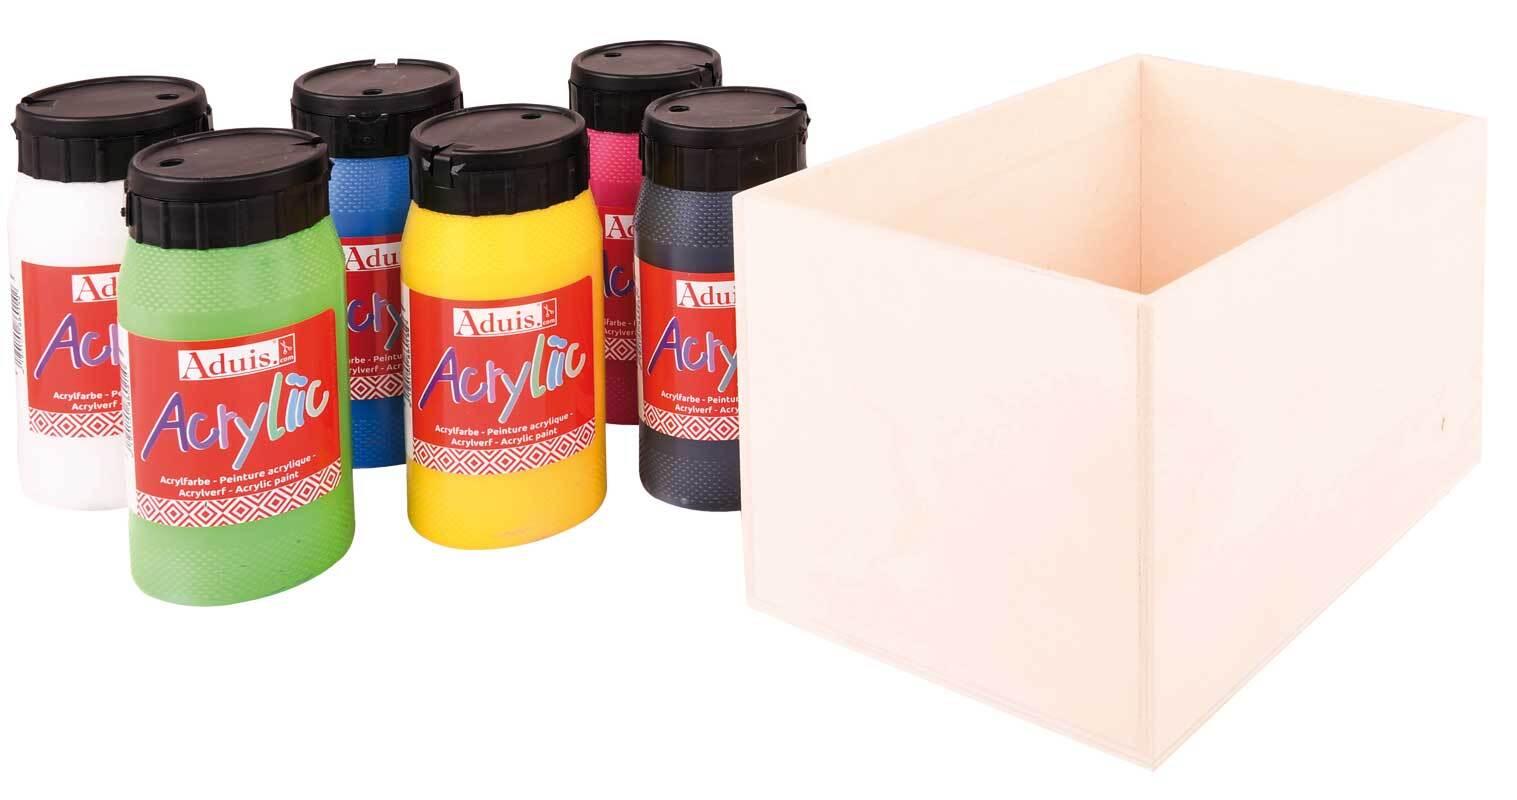 Aduis voordeelpakket - 6 st. acrylverf met houten